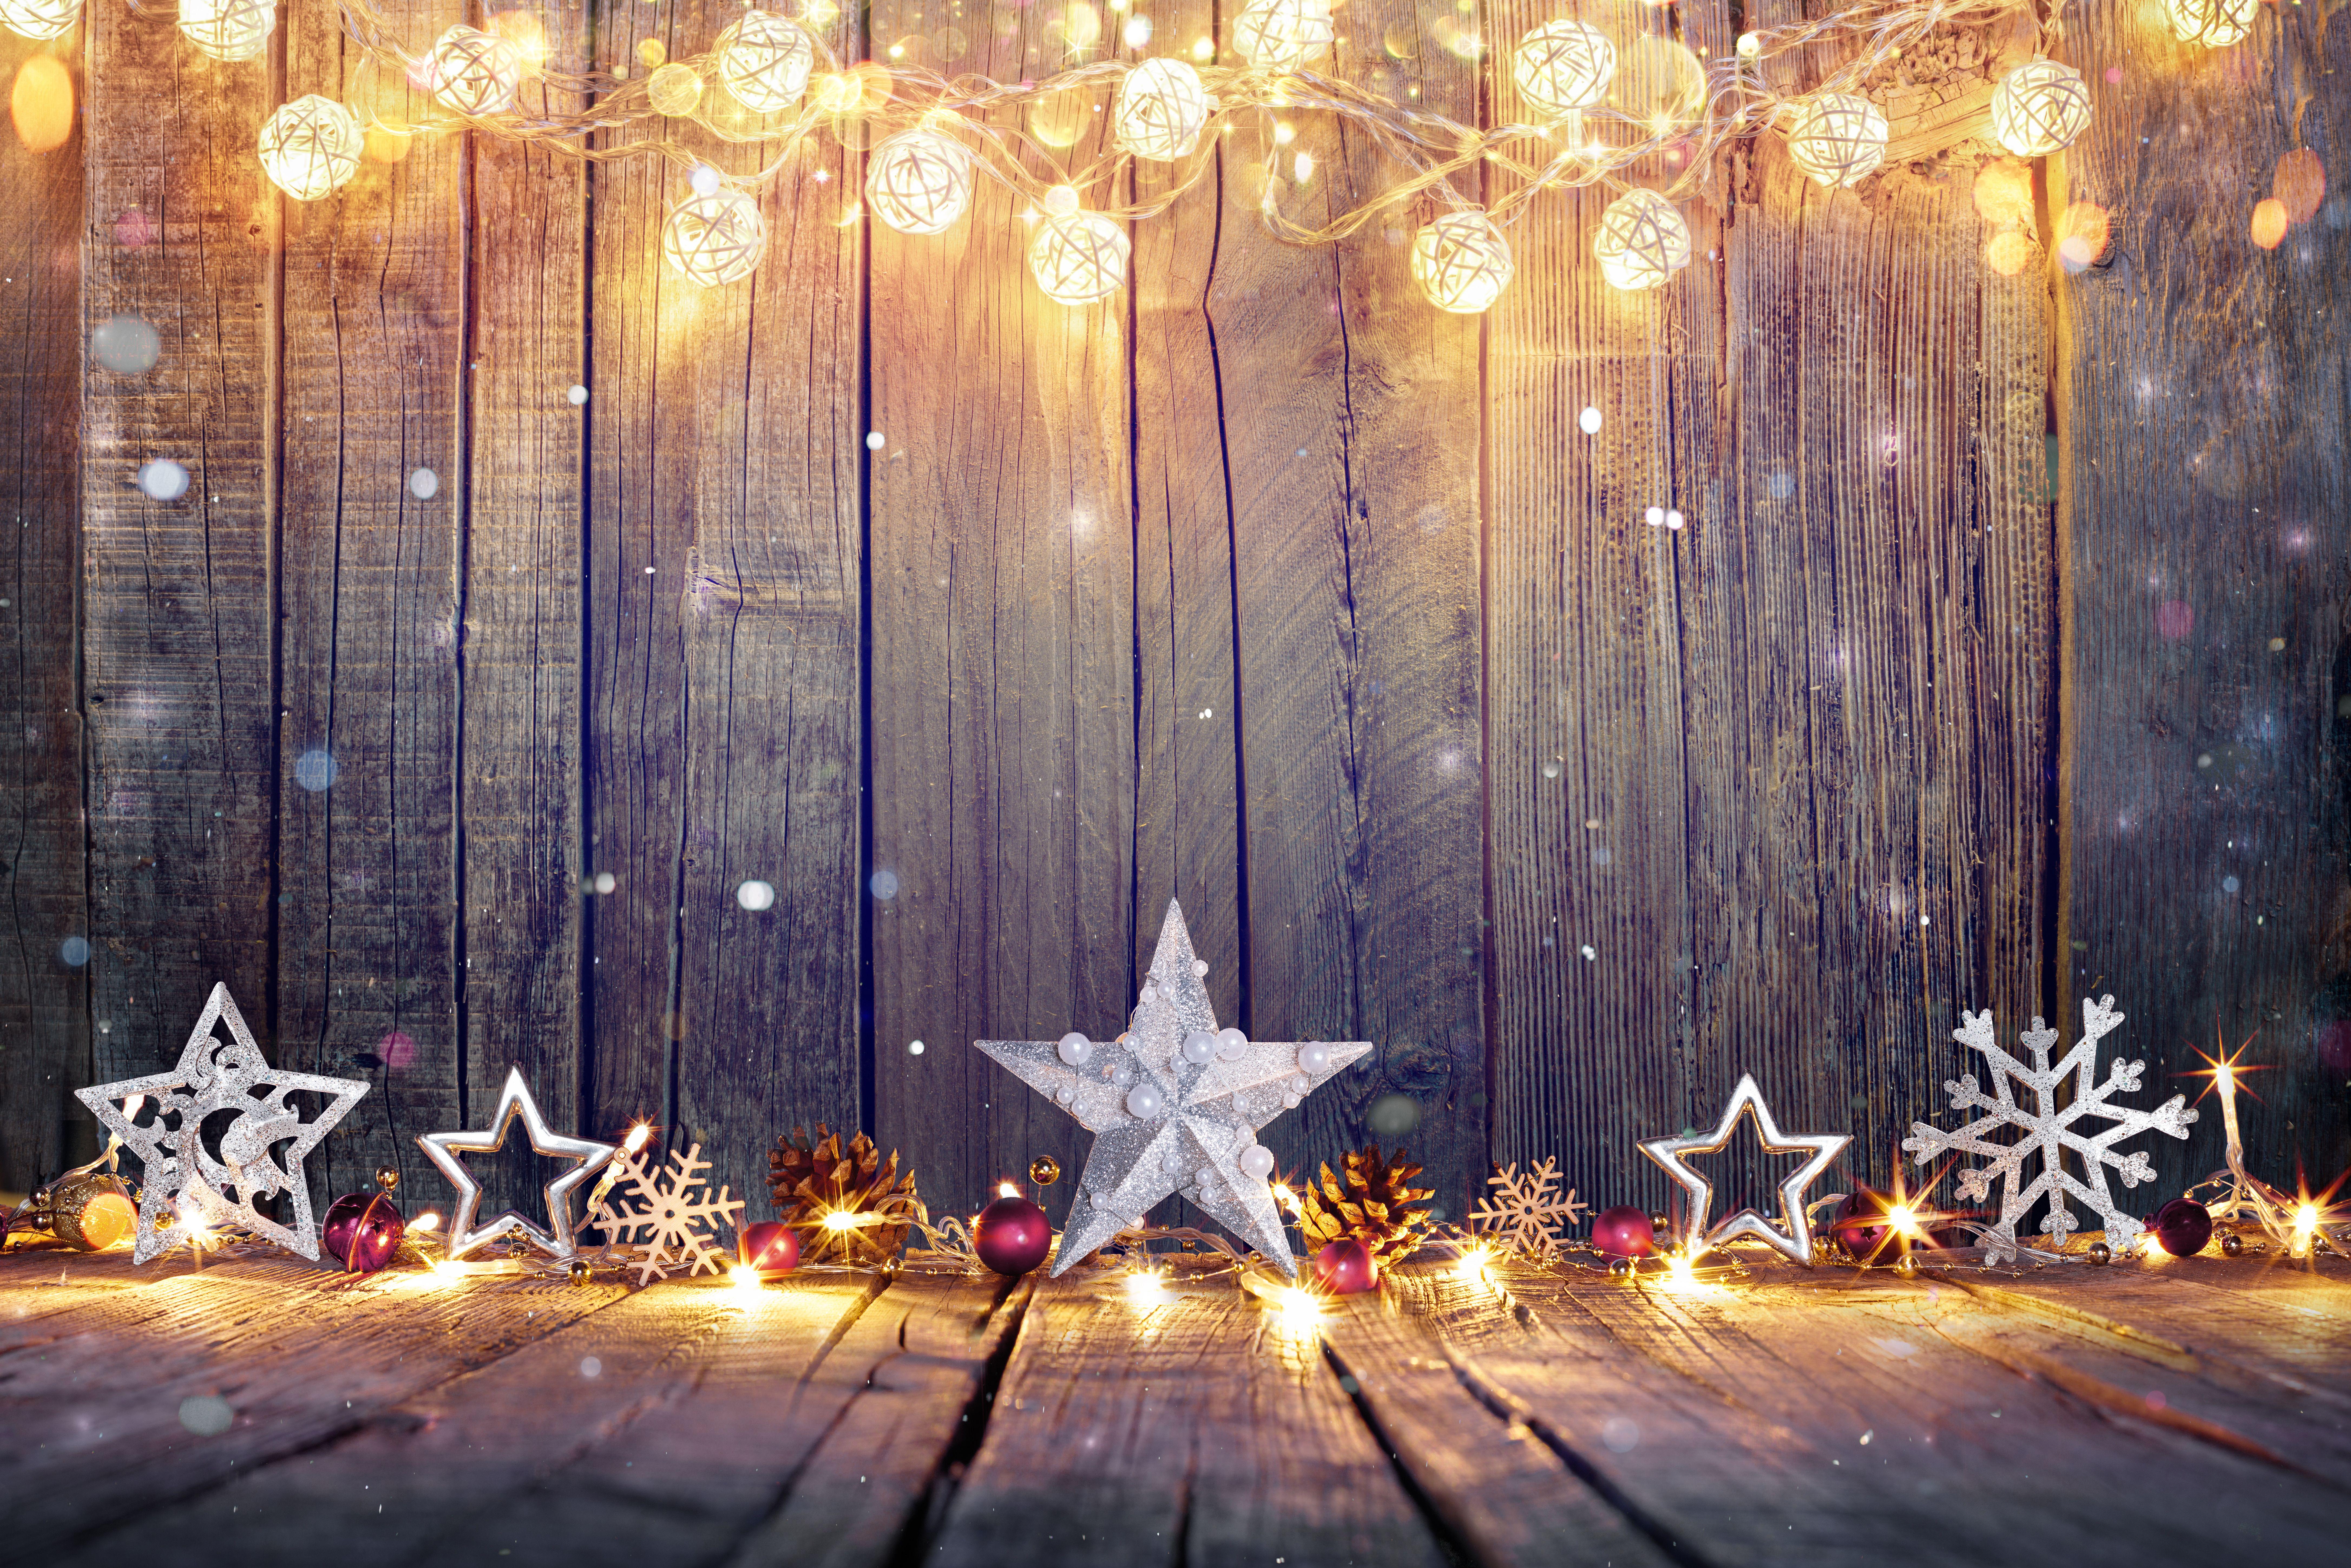 Weihnachten Wallpaper.Weihnachten Wallpaper A Weihnachtsgrüße U Lieder